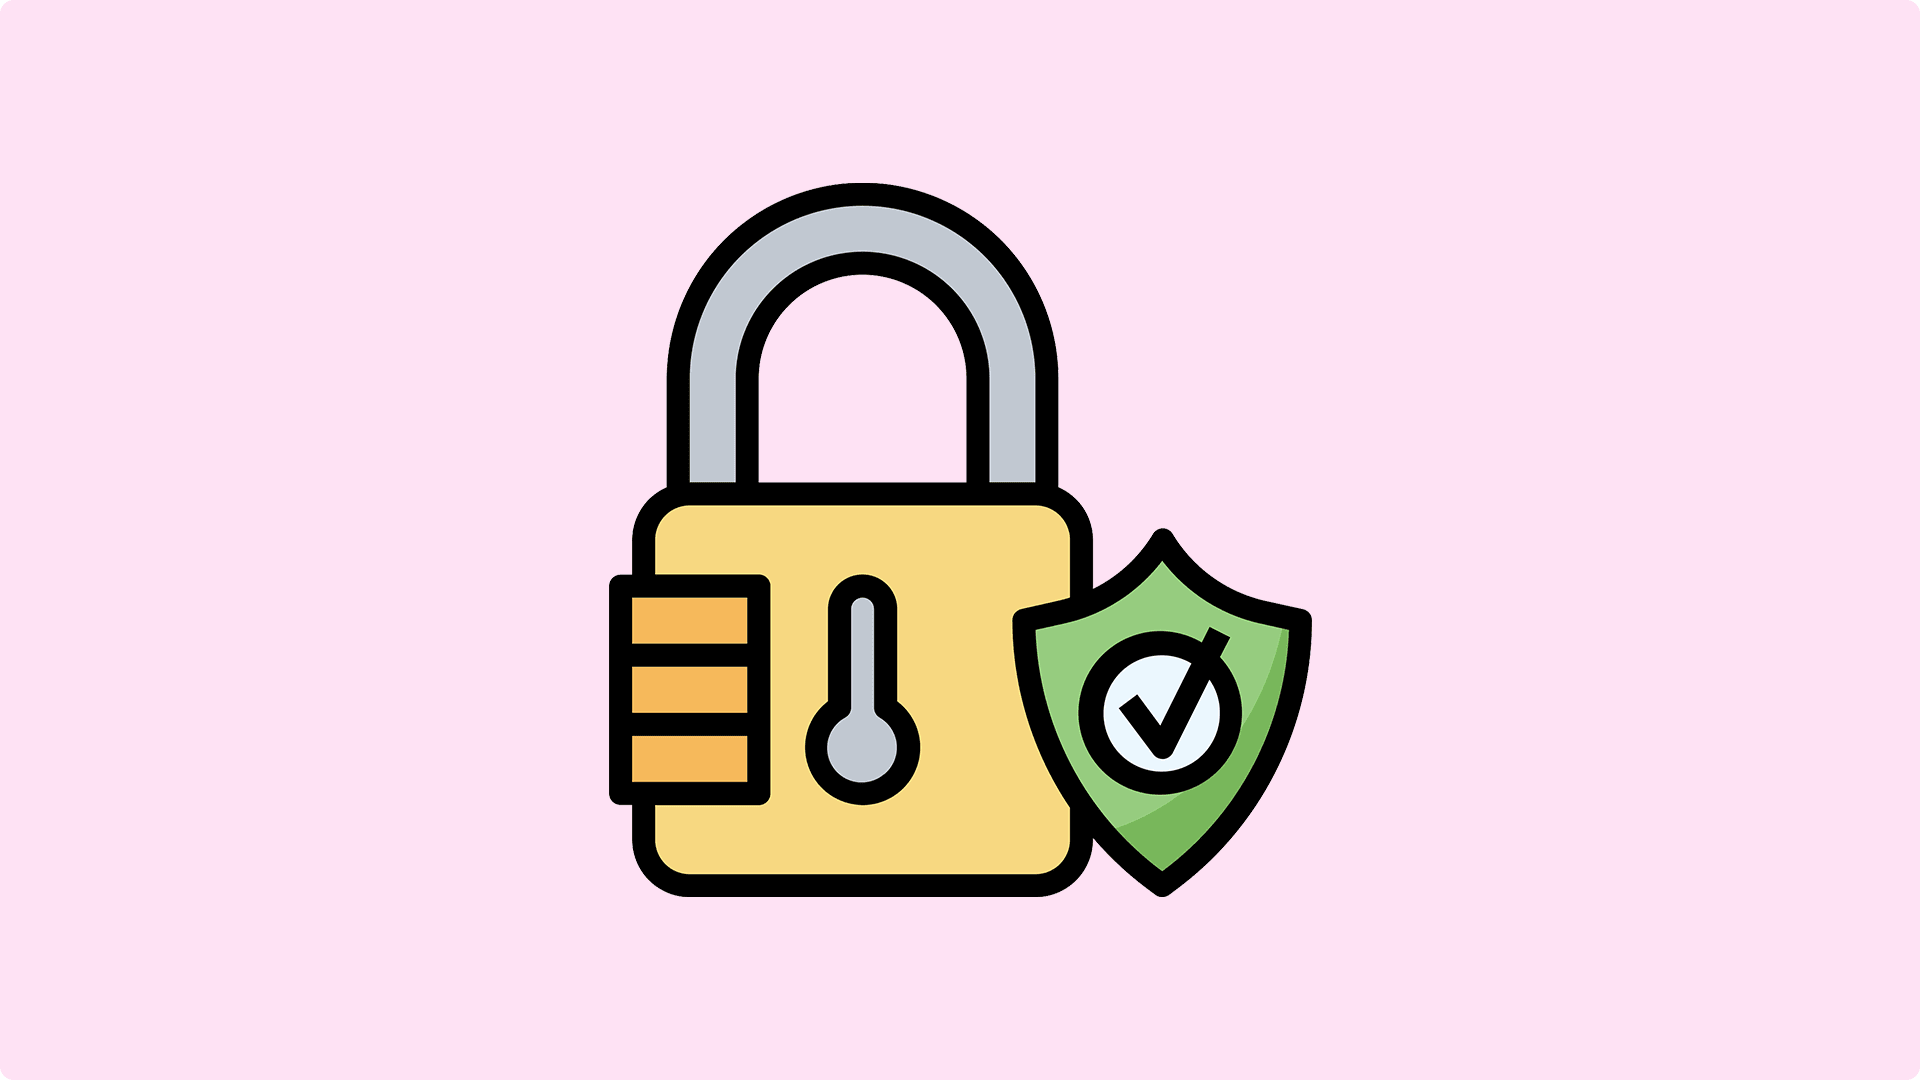 امنیت شبکه های کامپیوتری با استفاده از الگوریتمهای رمزنگاری DES و AES